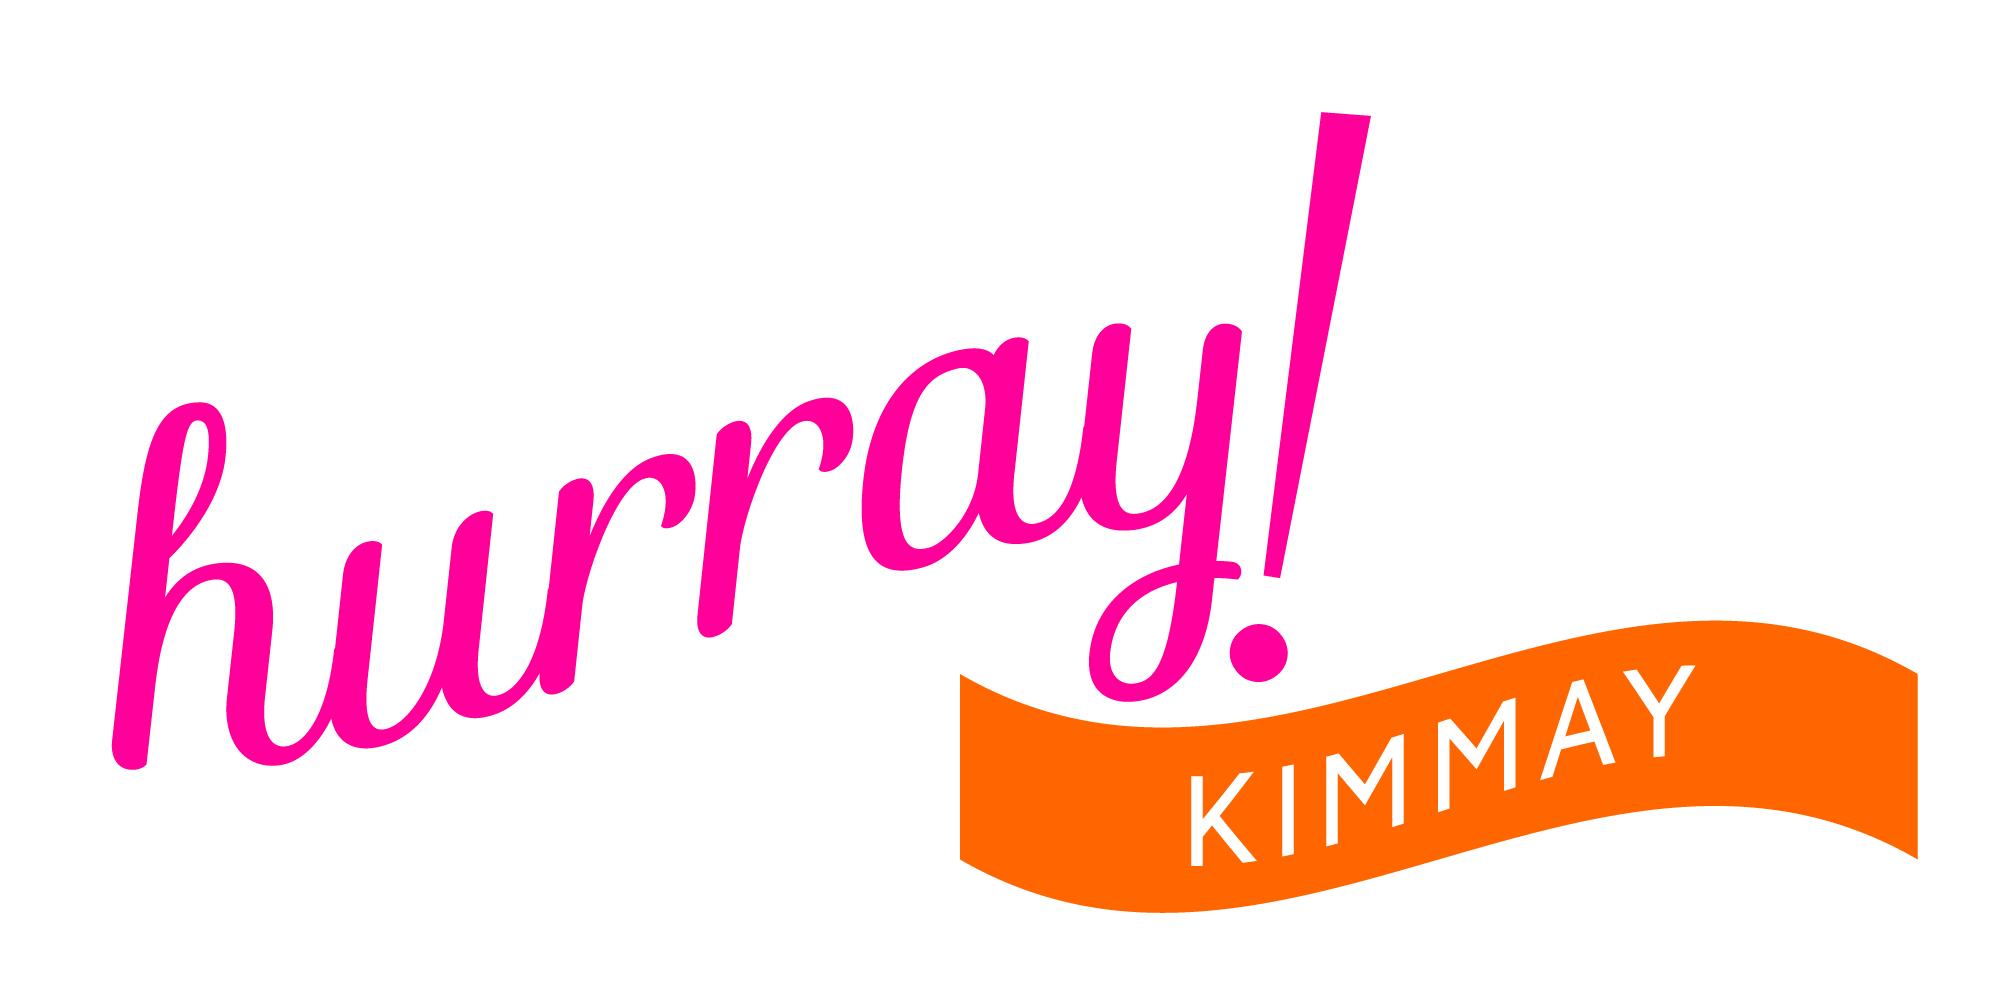 Hurray Kimmay